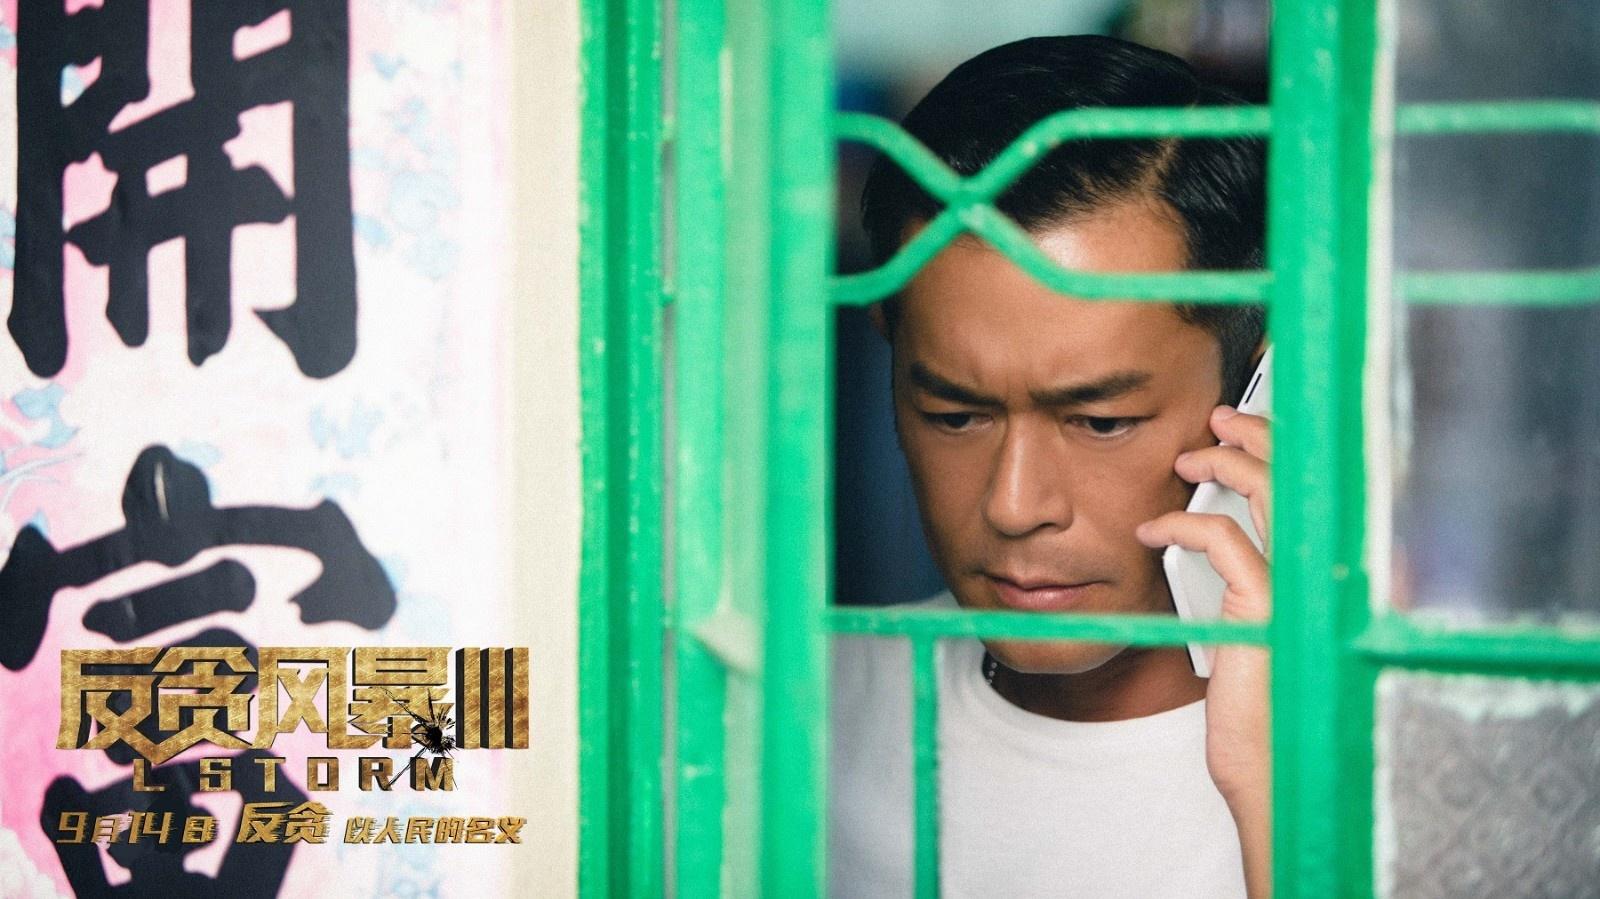 港片热度不减 《反贪风暴3》超4亿破系列票房纪录